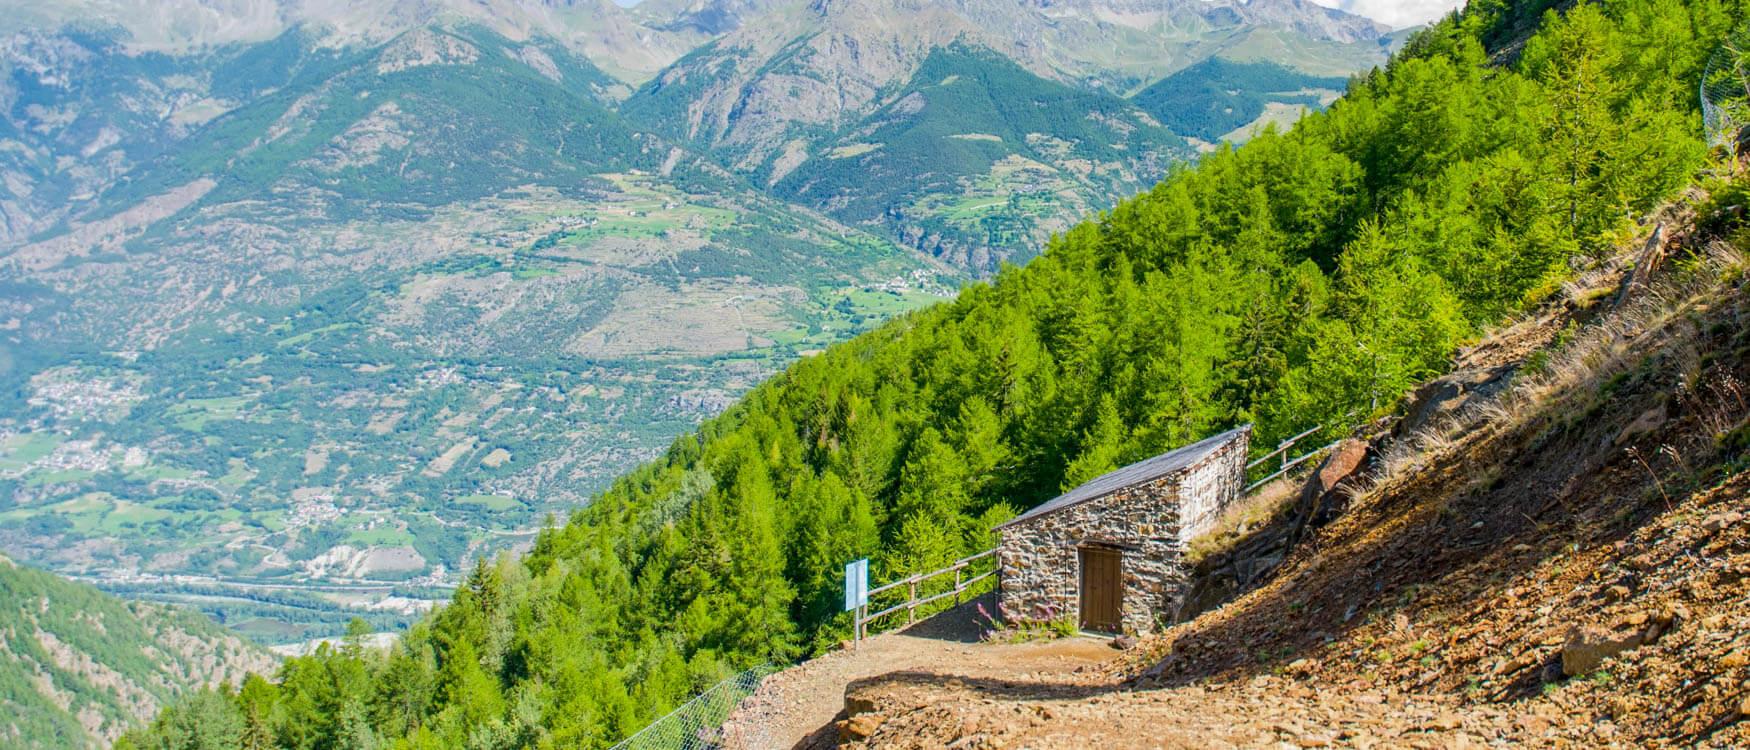 Miniere Turistiche di Saint Marcel Valle d'Aosta